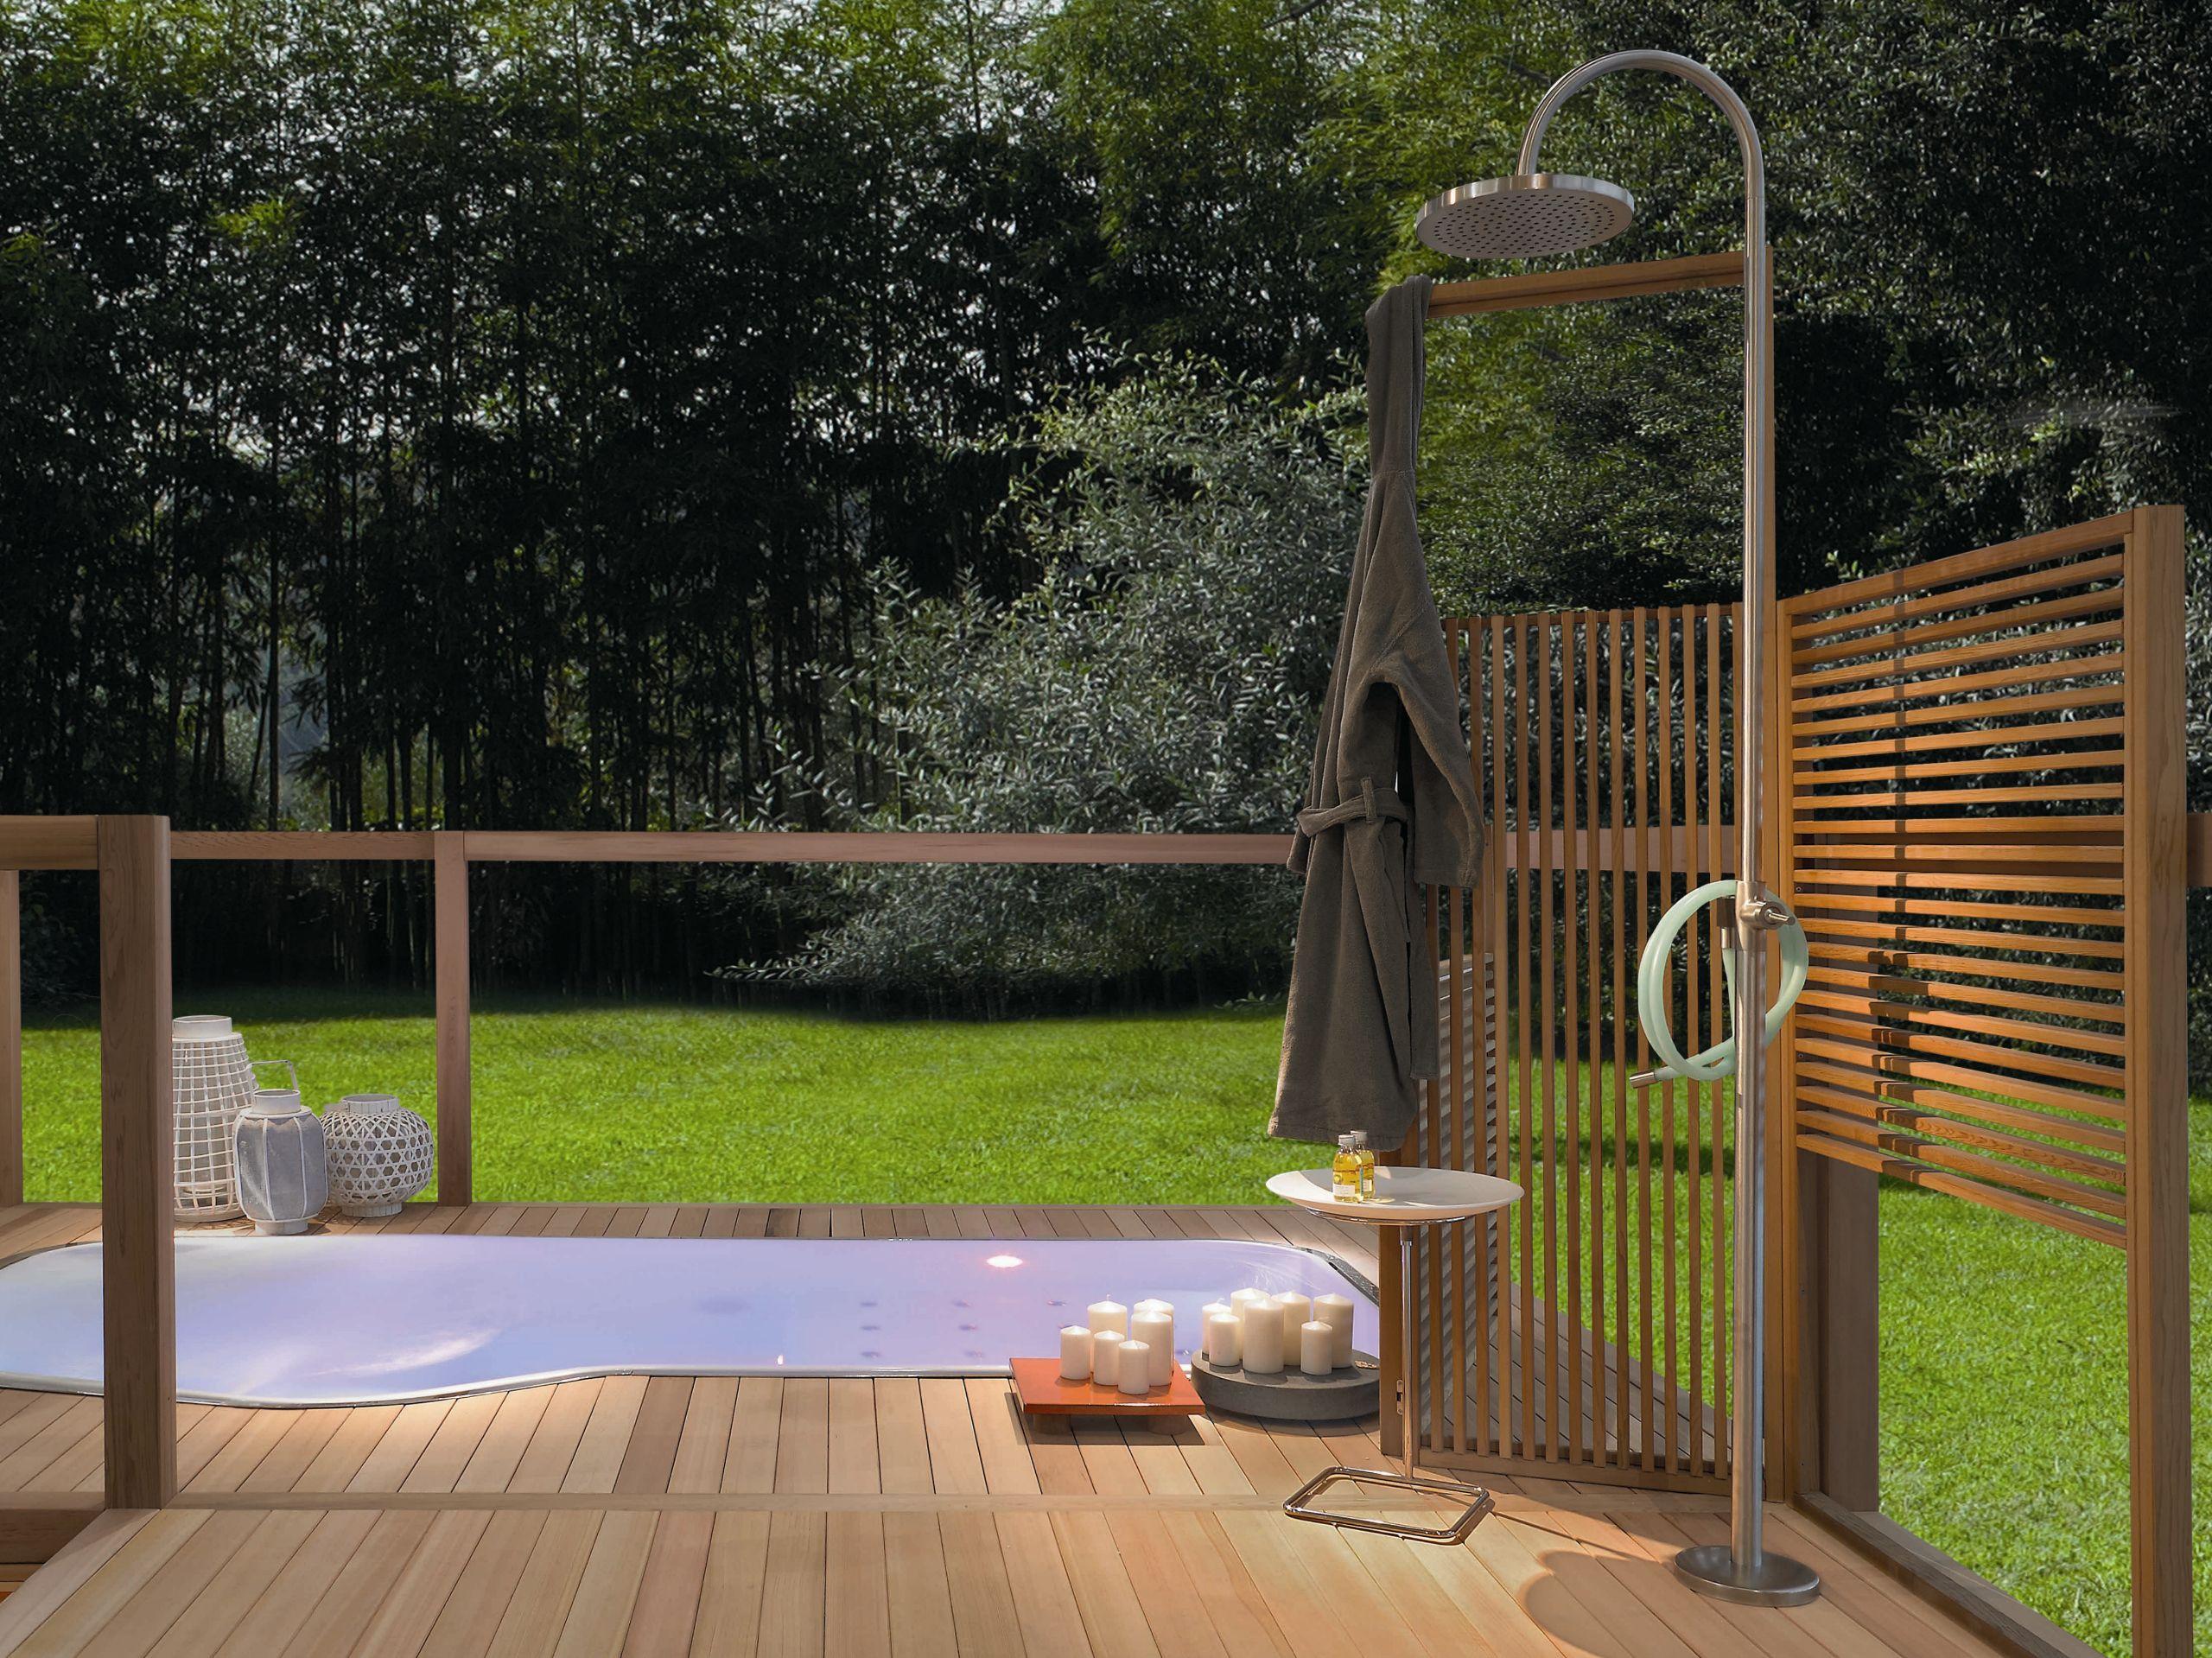 douche de jardin by zucchetti design ludovica roberto palomba. Black Bedroom Furniture Sets. Home Design Ideas